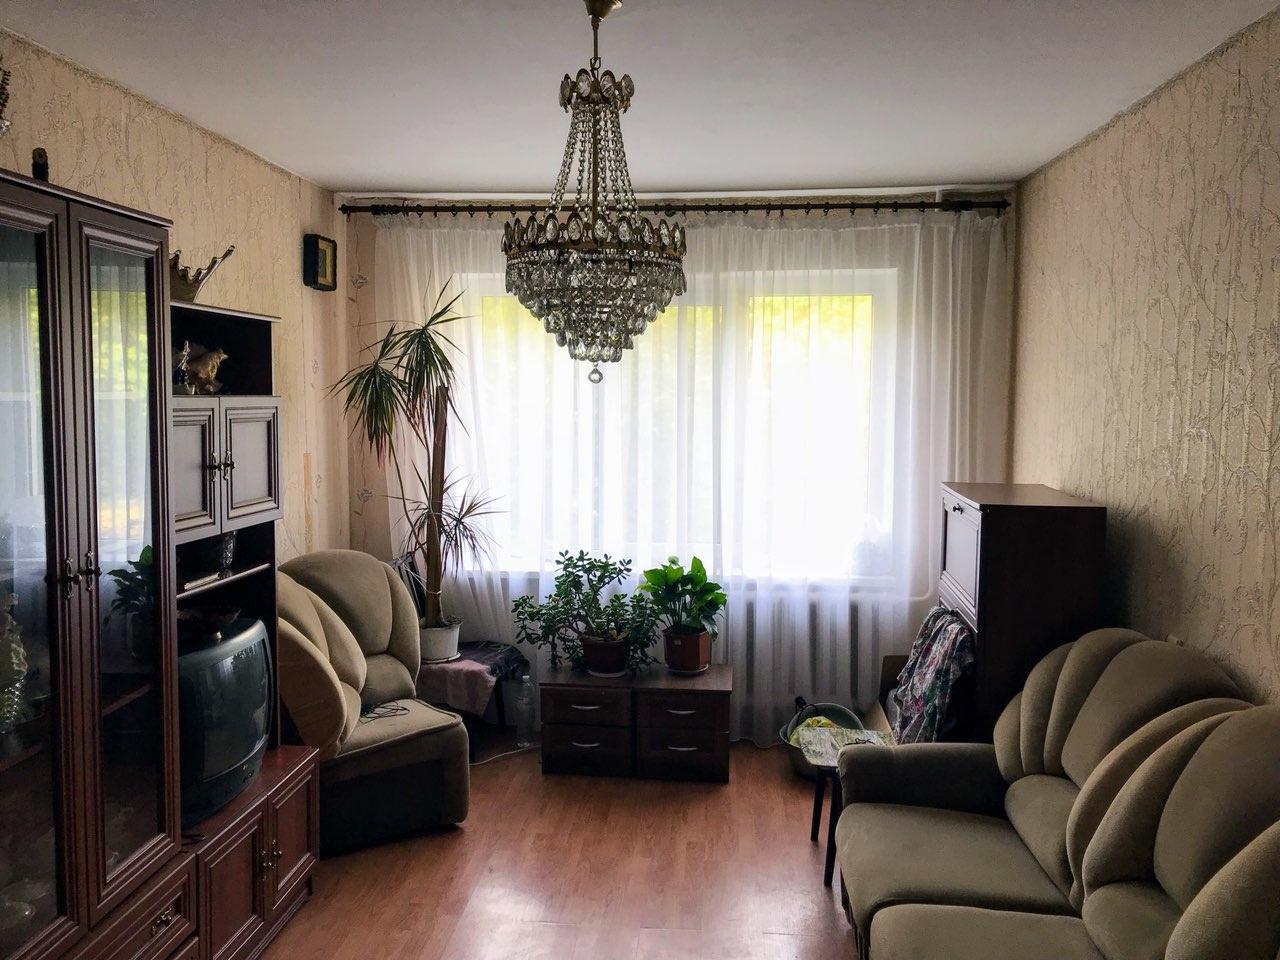 Продается 3-комнатная Квартира на ул. Героев Cталинграда — 34 500 у.е.